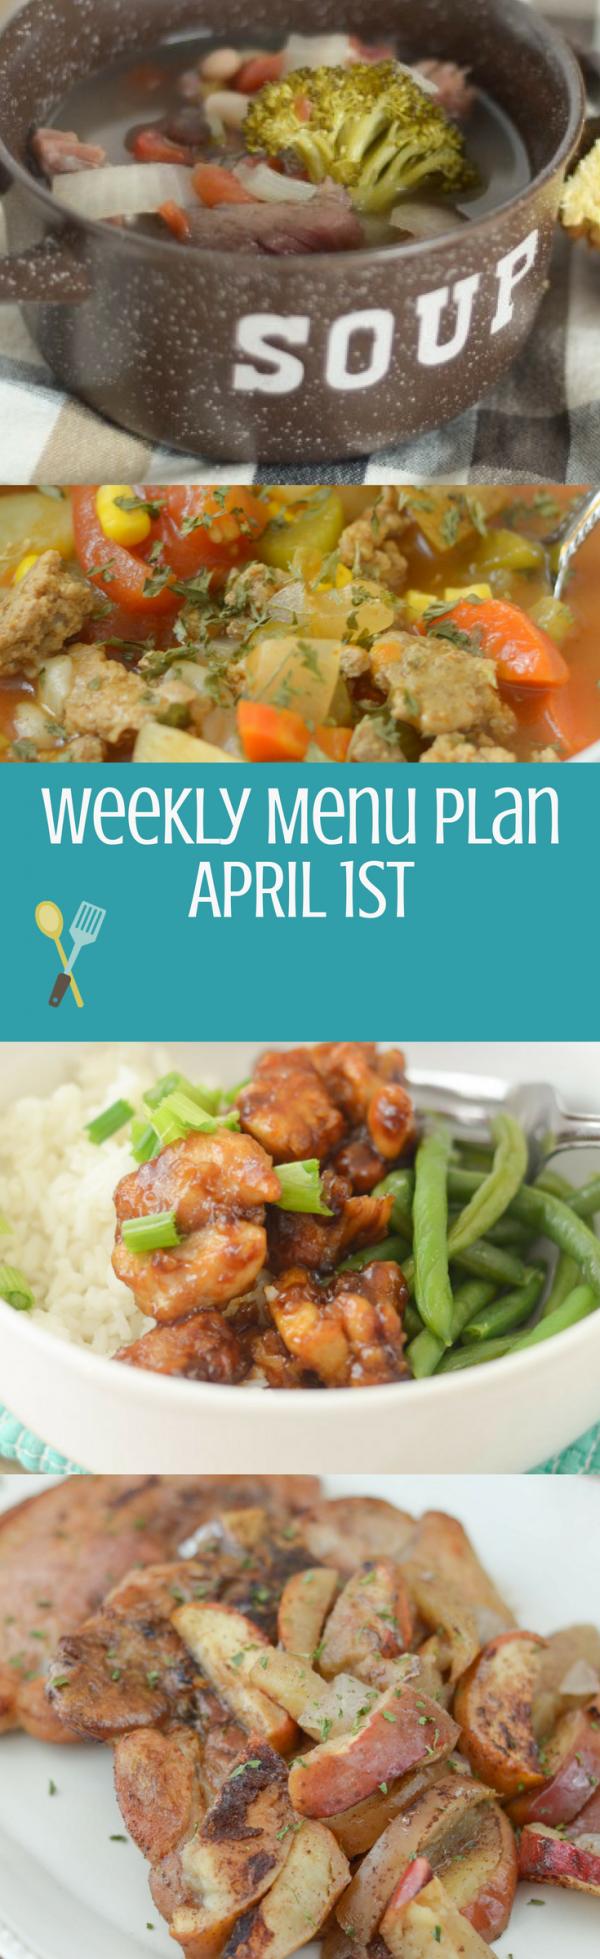 Weekly Menu Plan - Week of April 1st